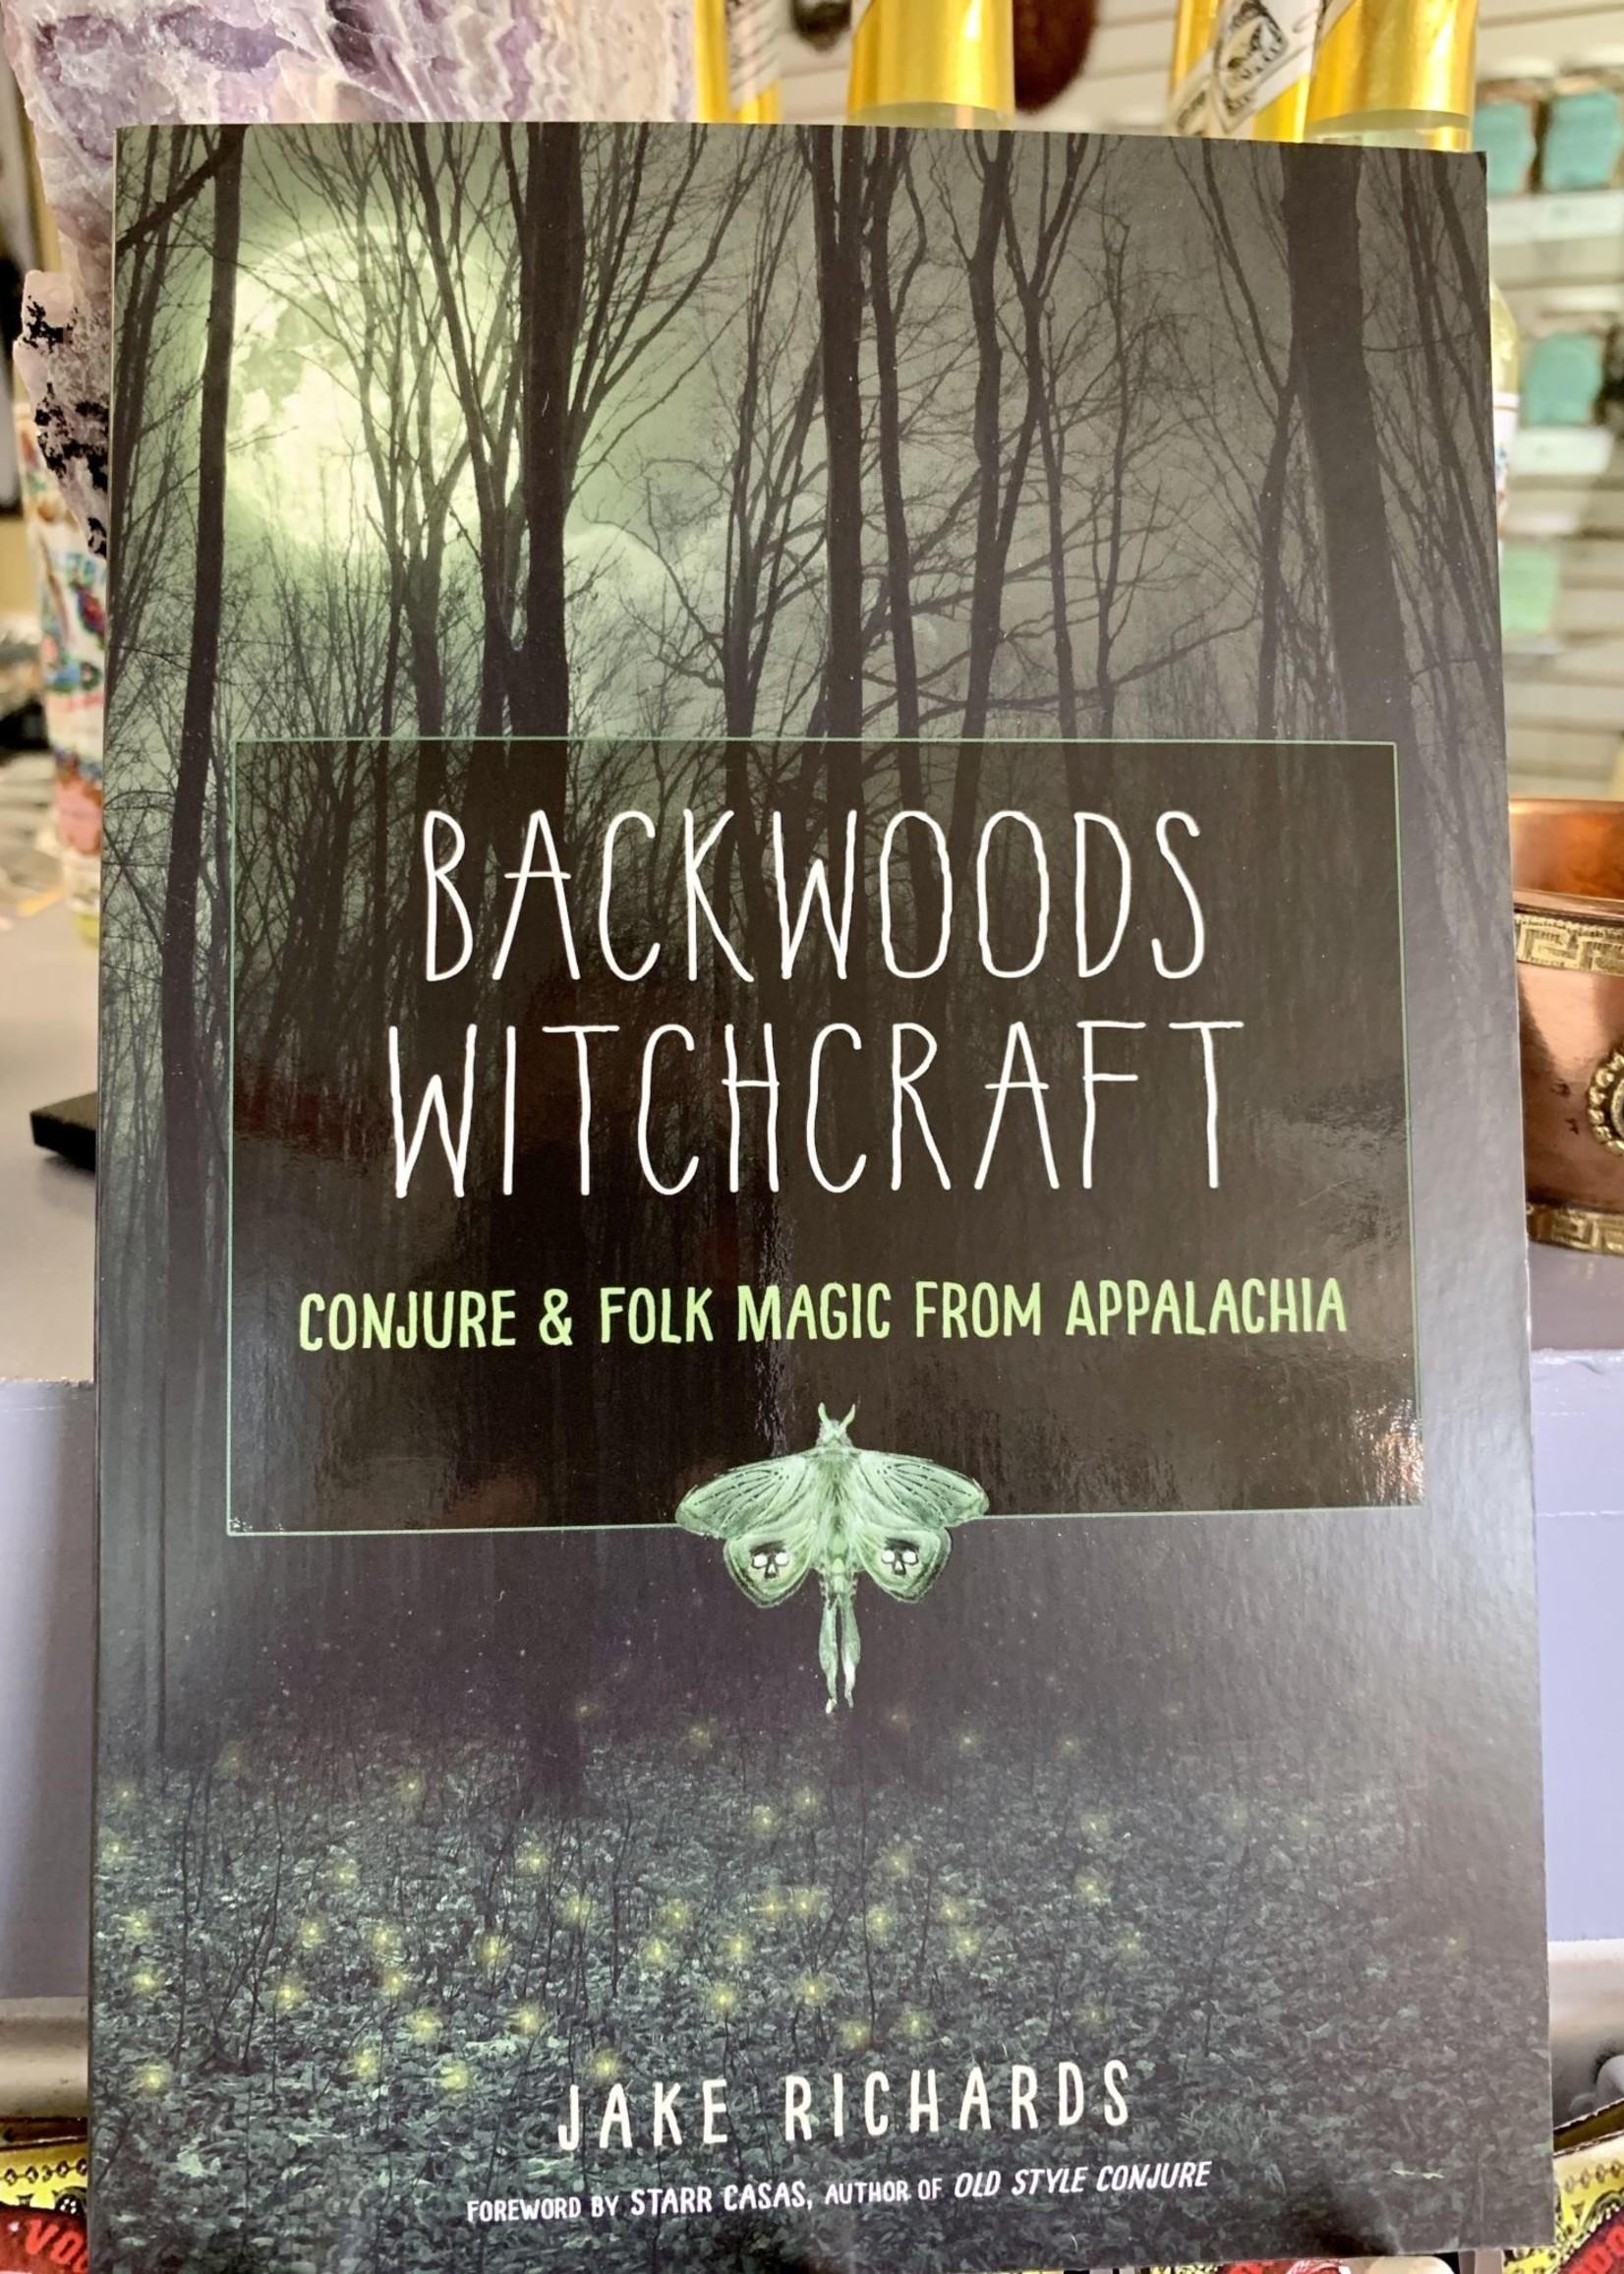 Backwoods Witchcraft - Jake Richards